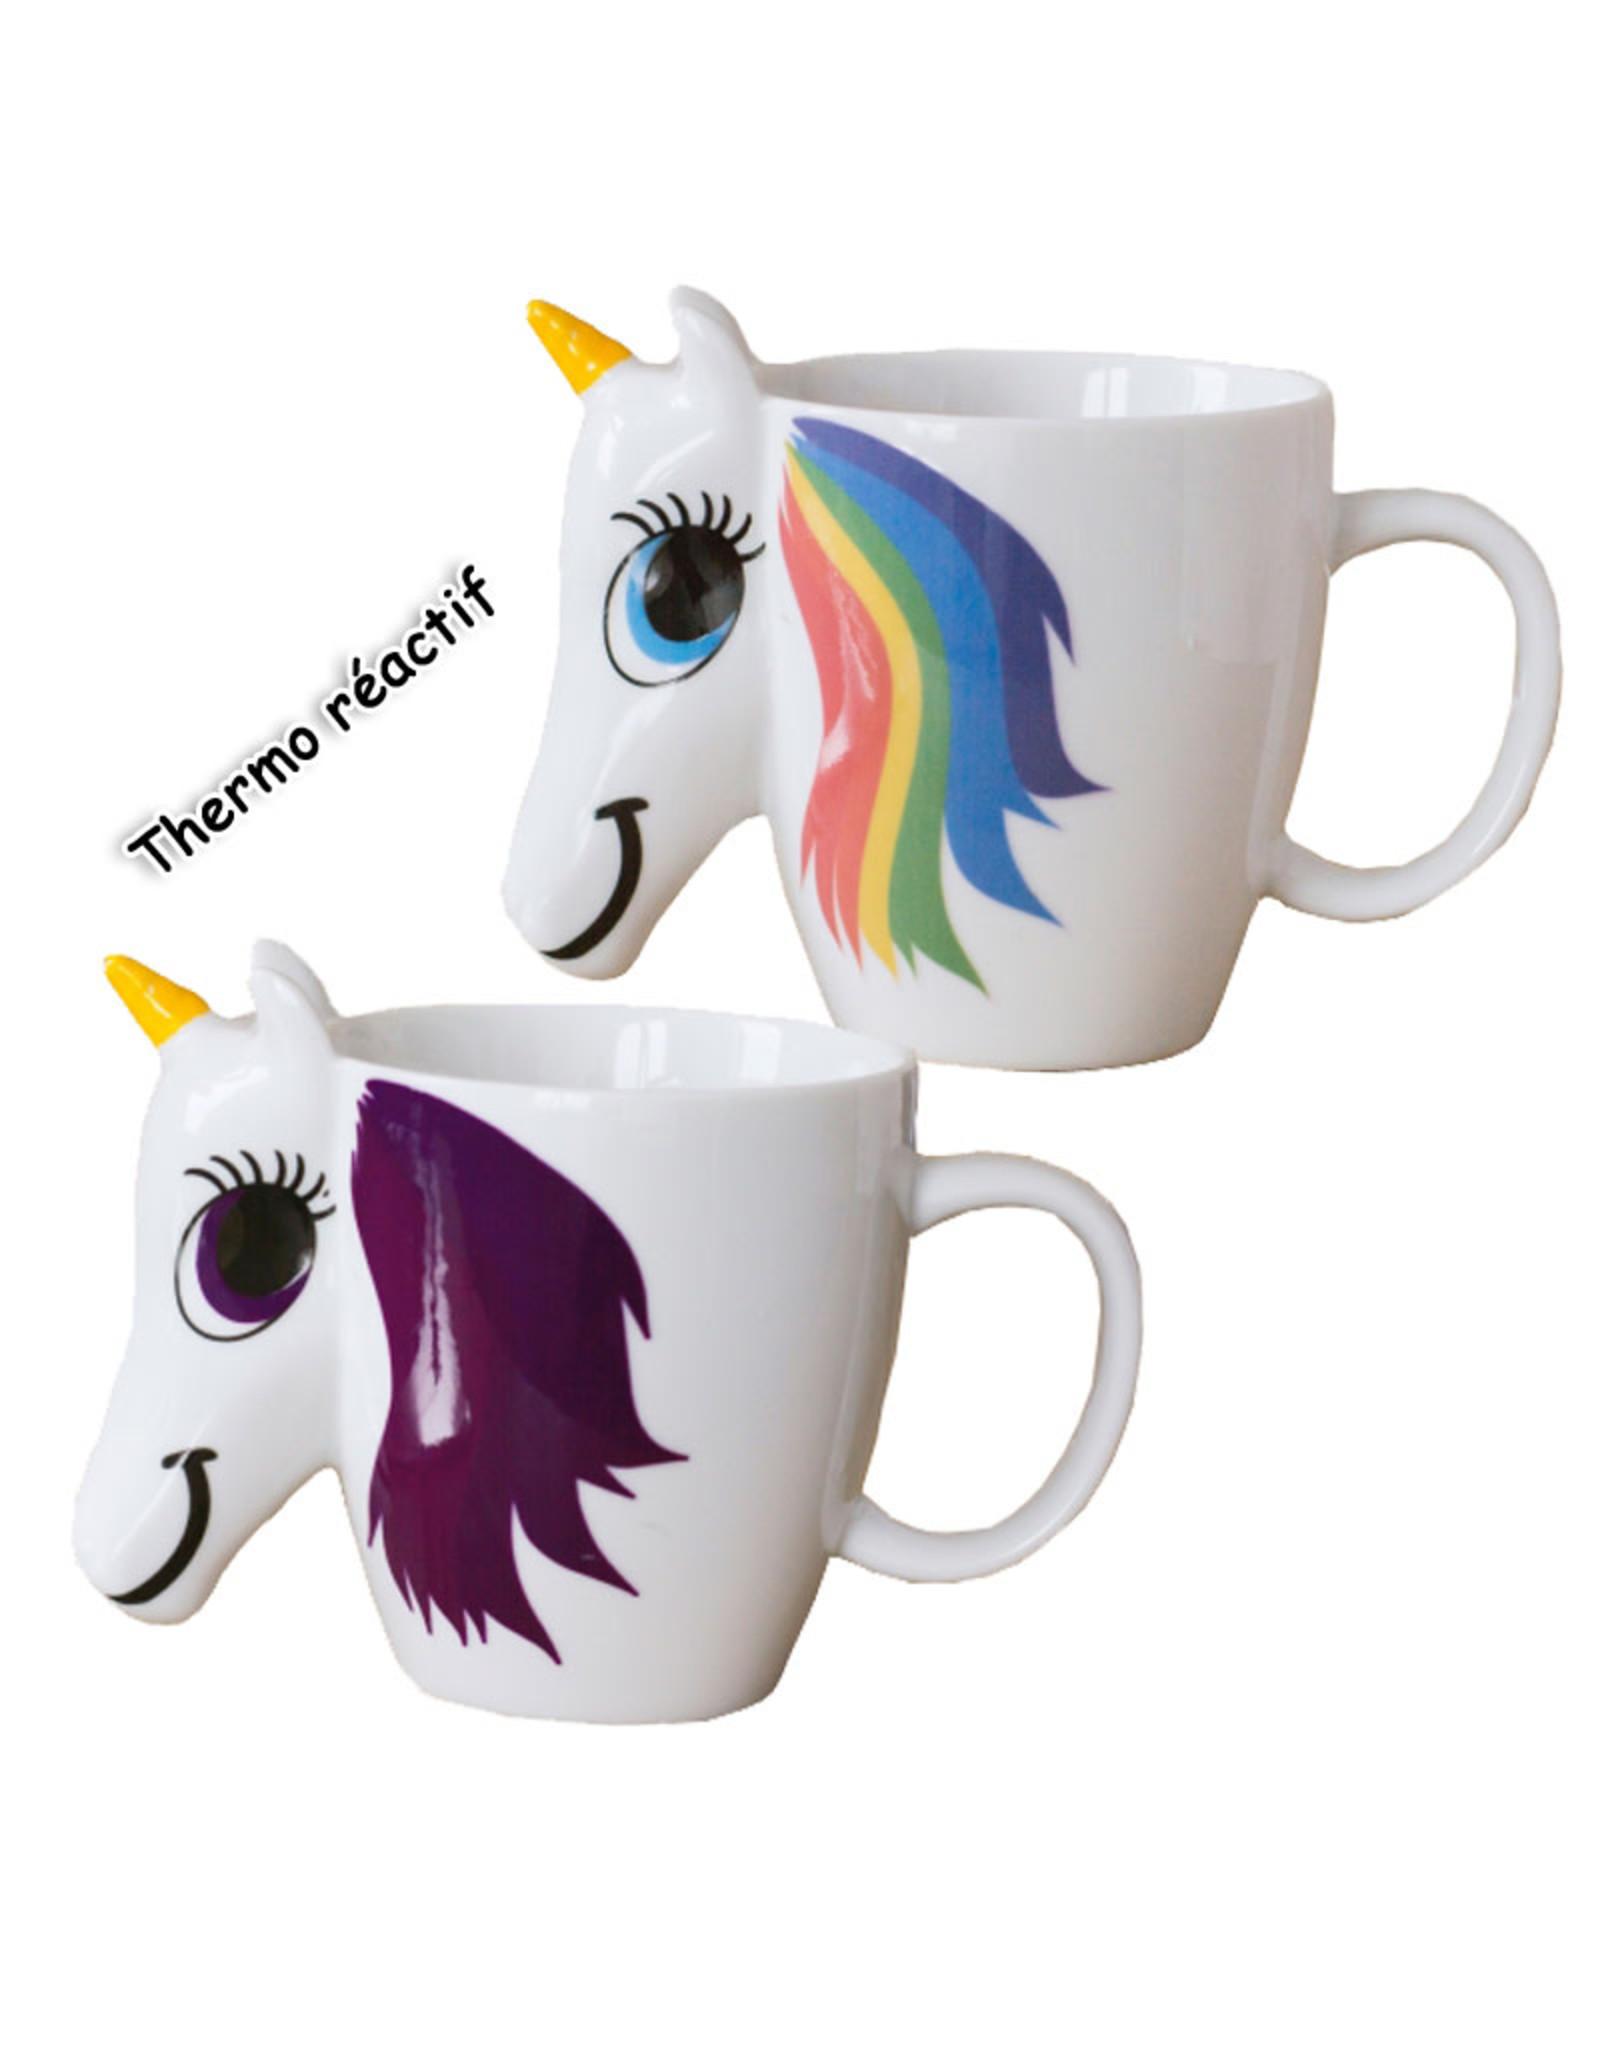 Unicorn Thermoreactive ( Mug )